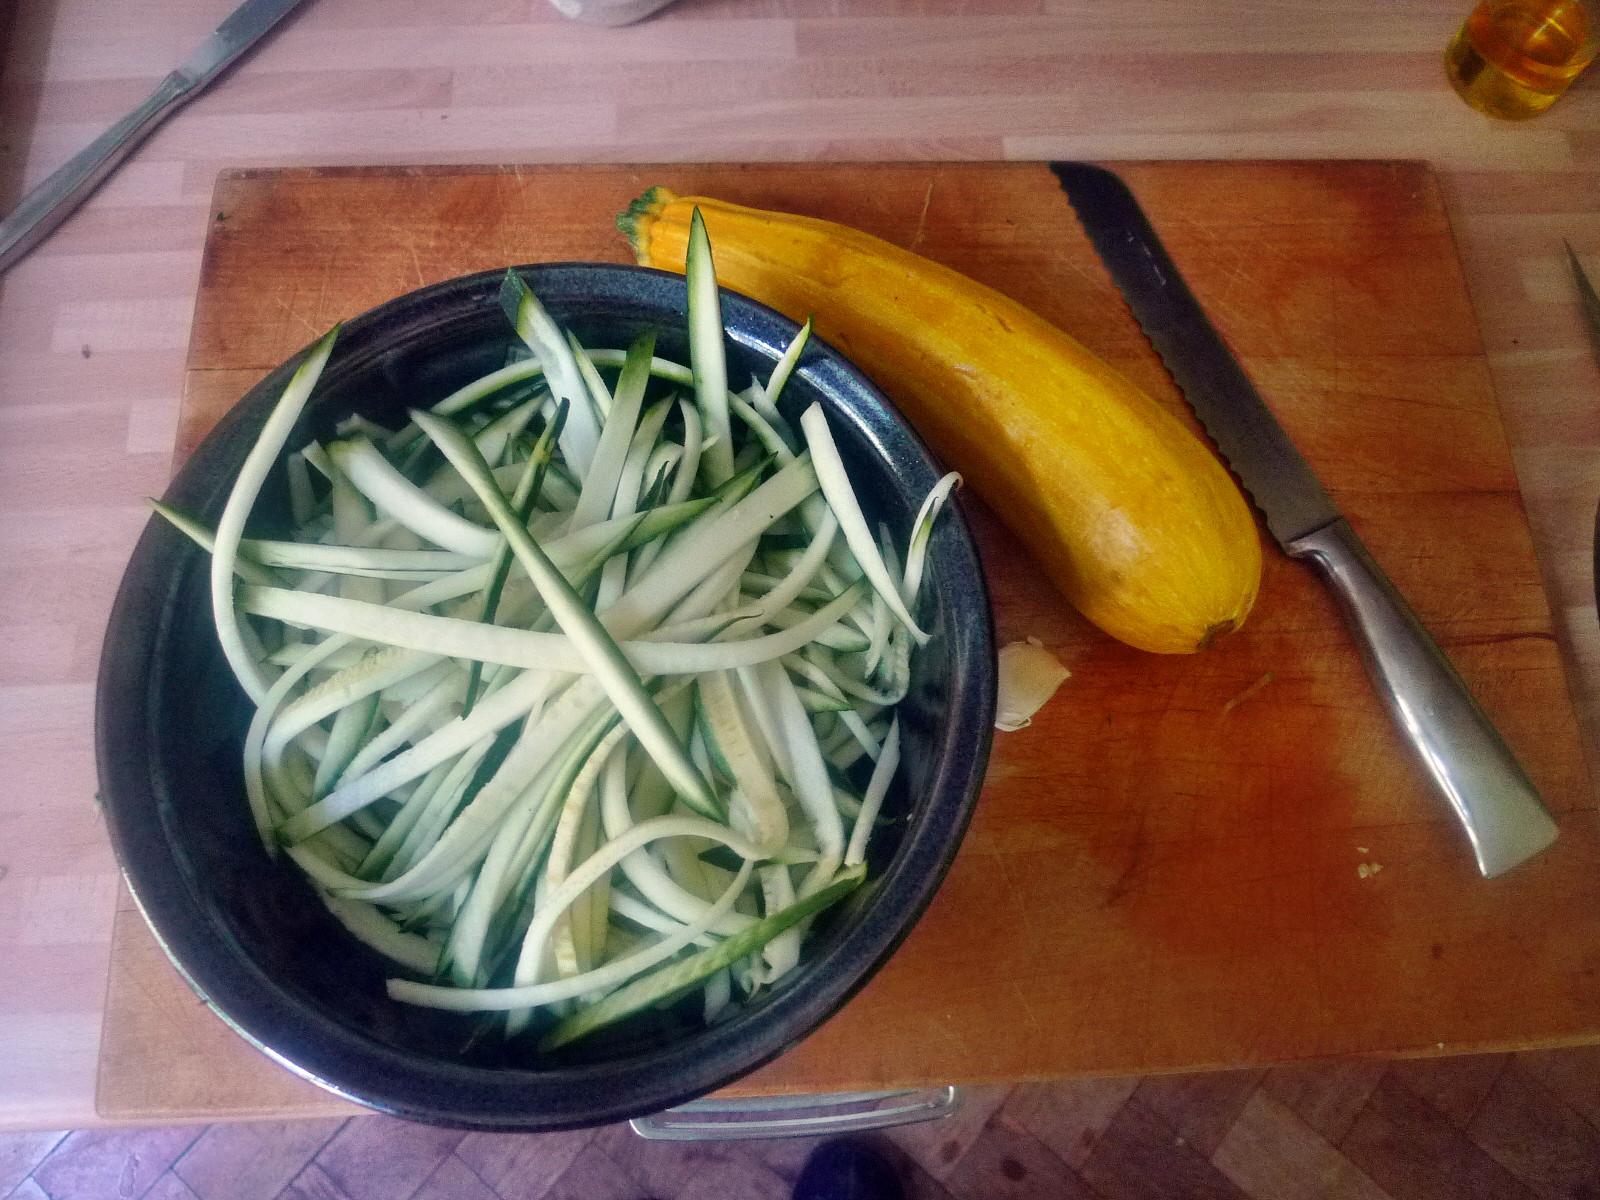 Spaghetti-Zucchinipfanne-27.8.14   (4)